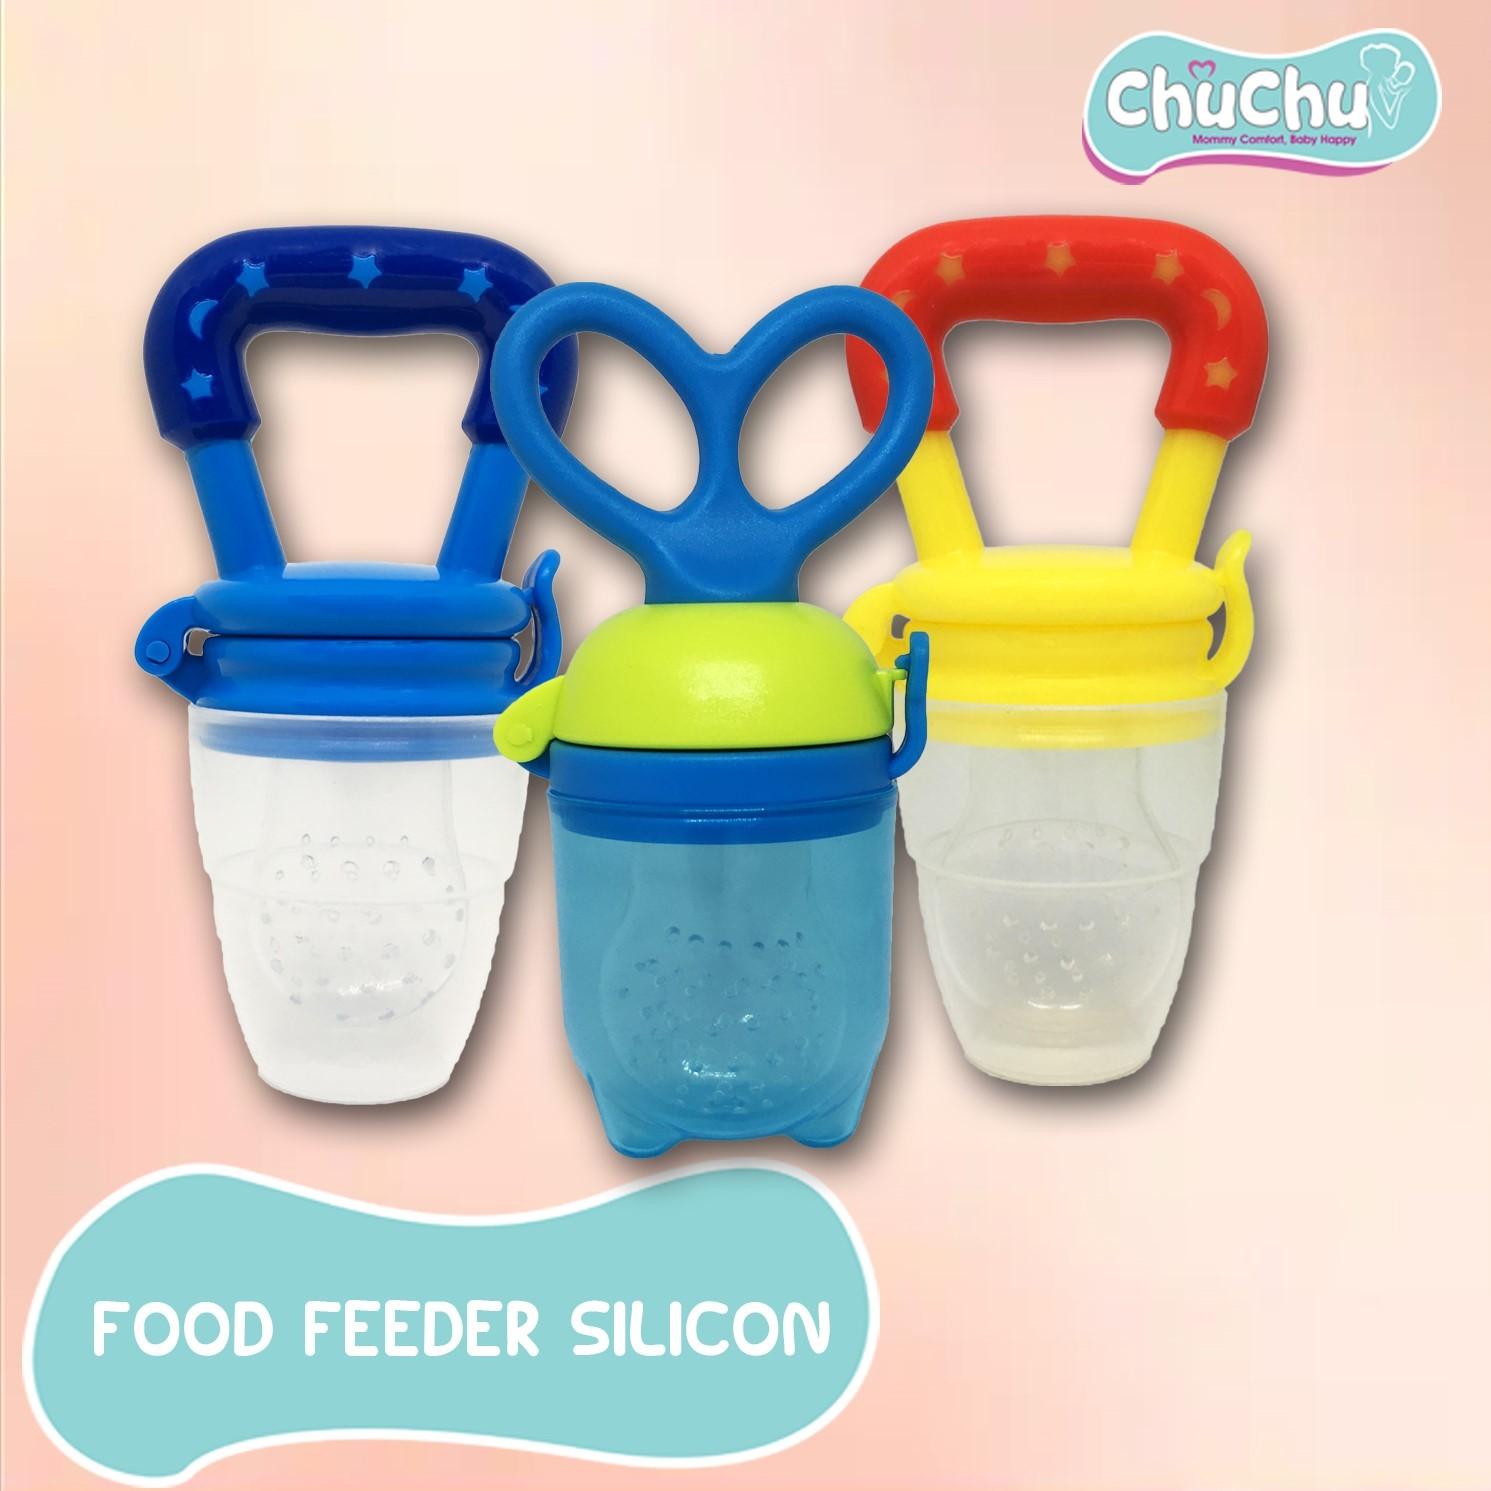 Food Feeder Silicon.jpg